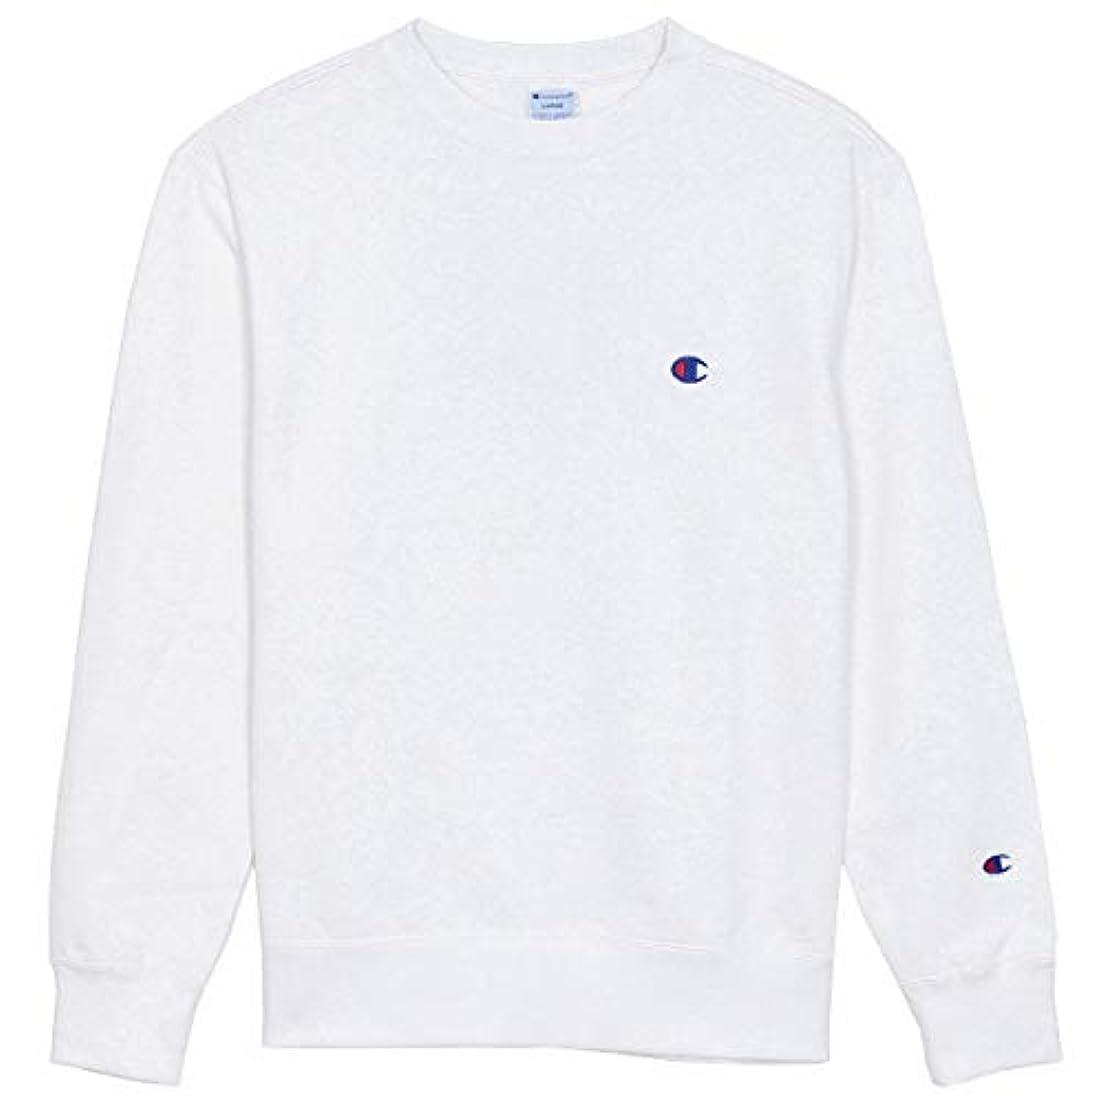 印をつける織るもろいチャンピオン スウェット CHAMPION クルーネック トレーナー 裏毛 ワンポイント メンズ レディース ホワイト